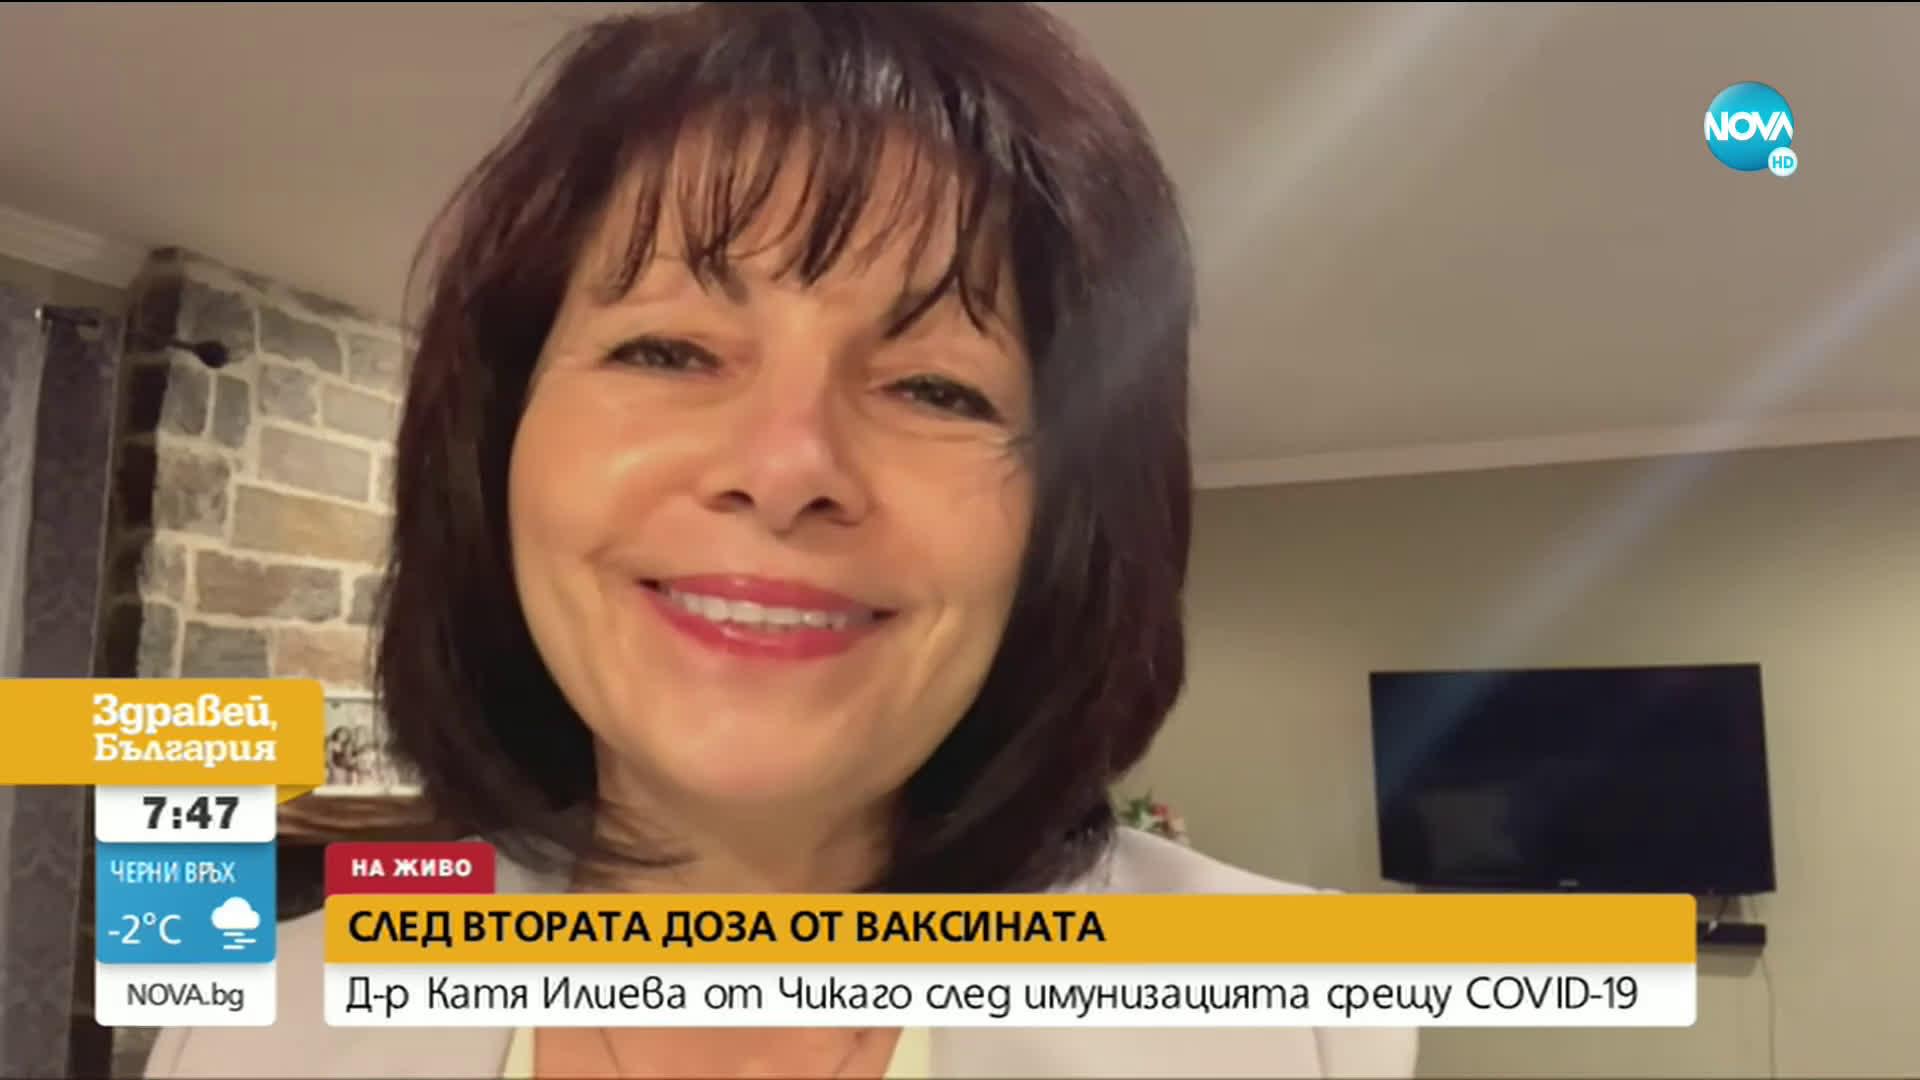 Д-р Катя Илиева от Чикаго след втората доза от ваксината